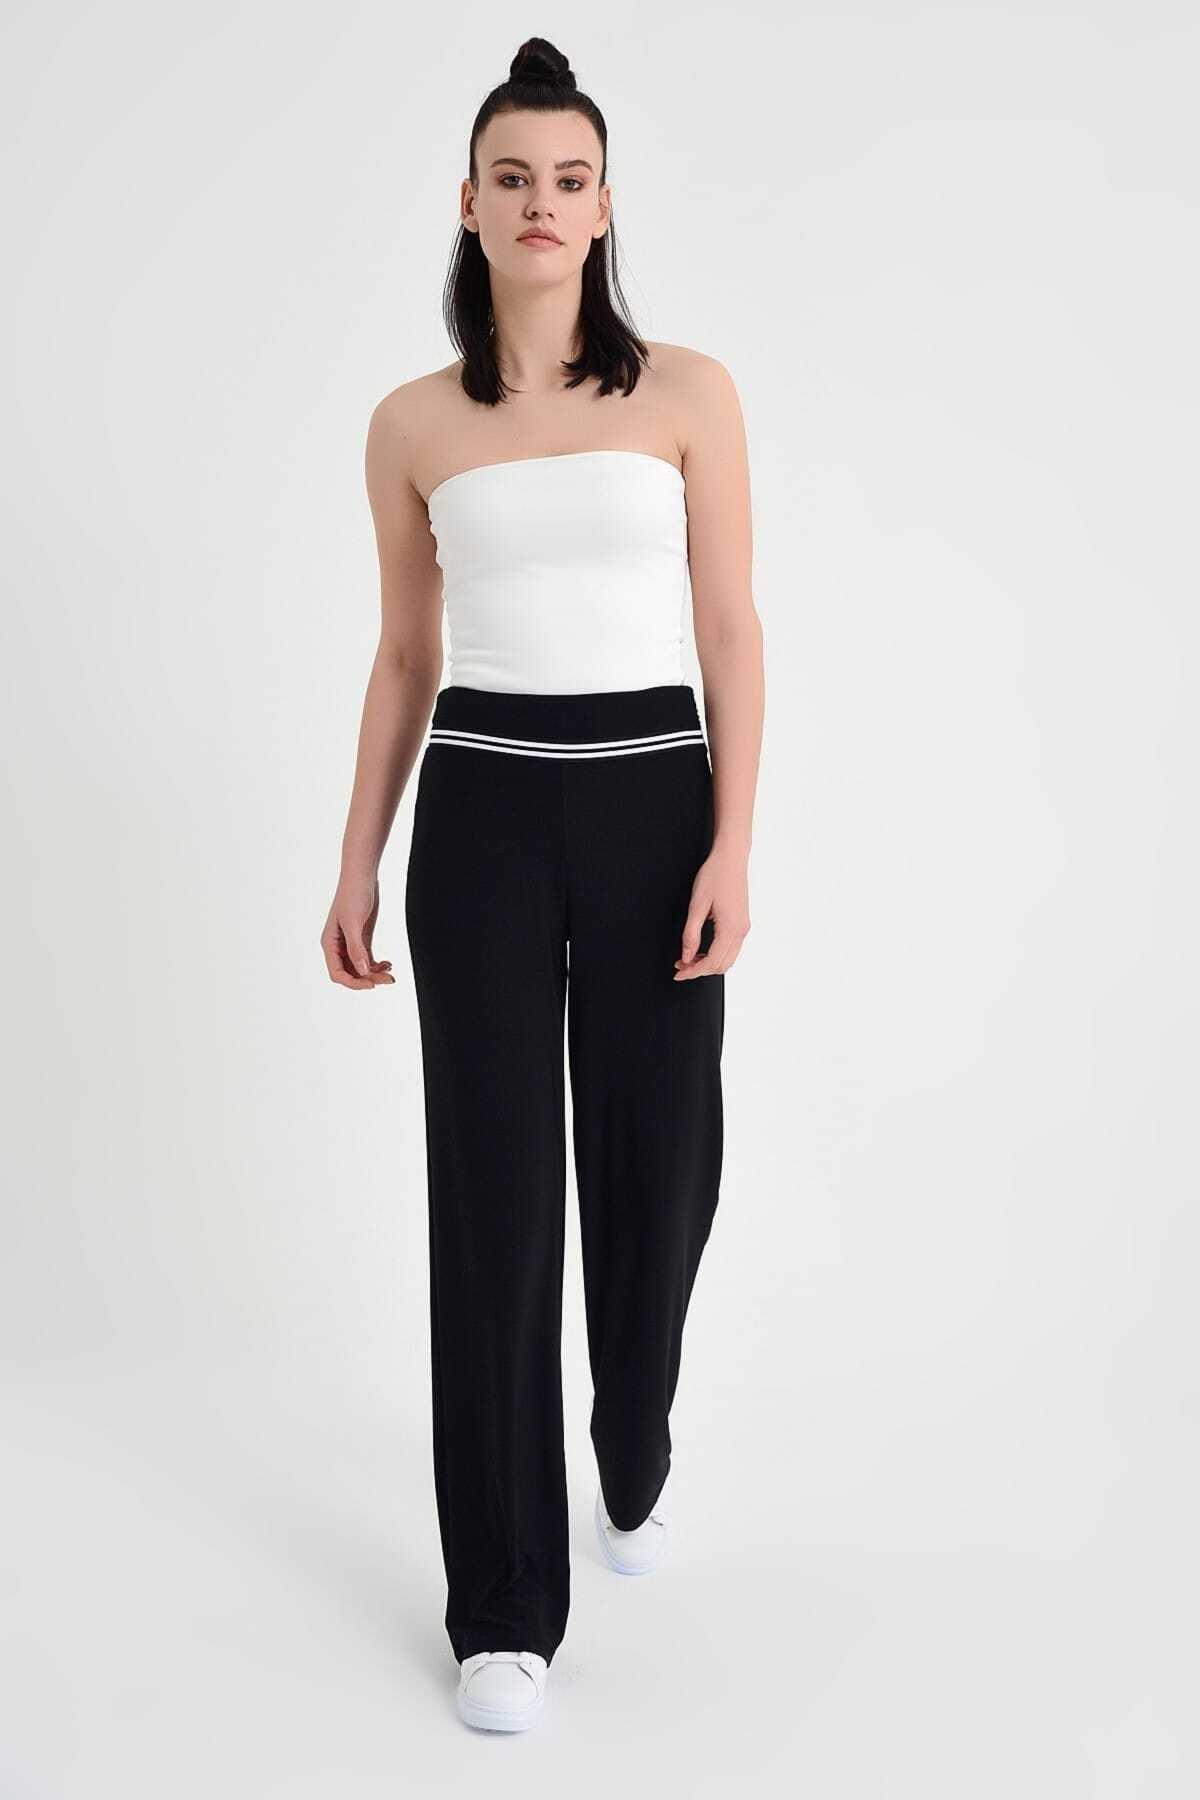 Laranor Kadın Siyah Belde Şerit Detay Bol Paça Pantolon 19L6586 2